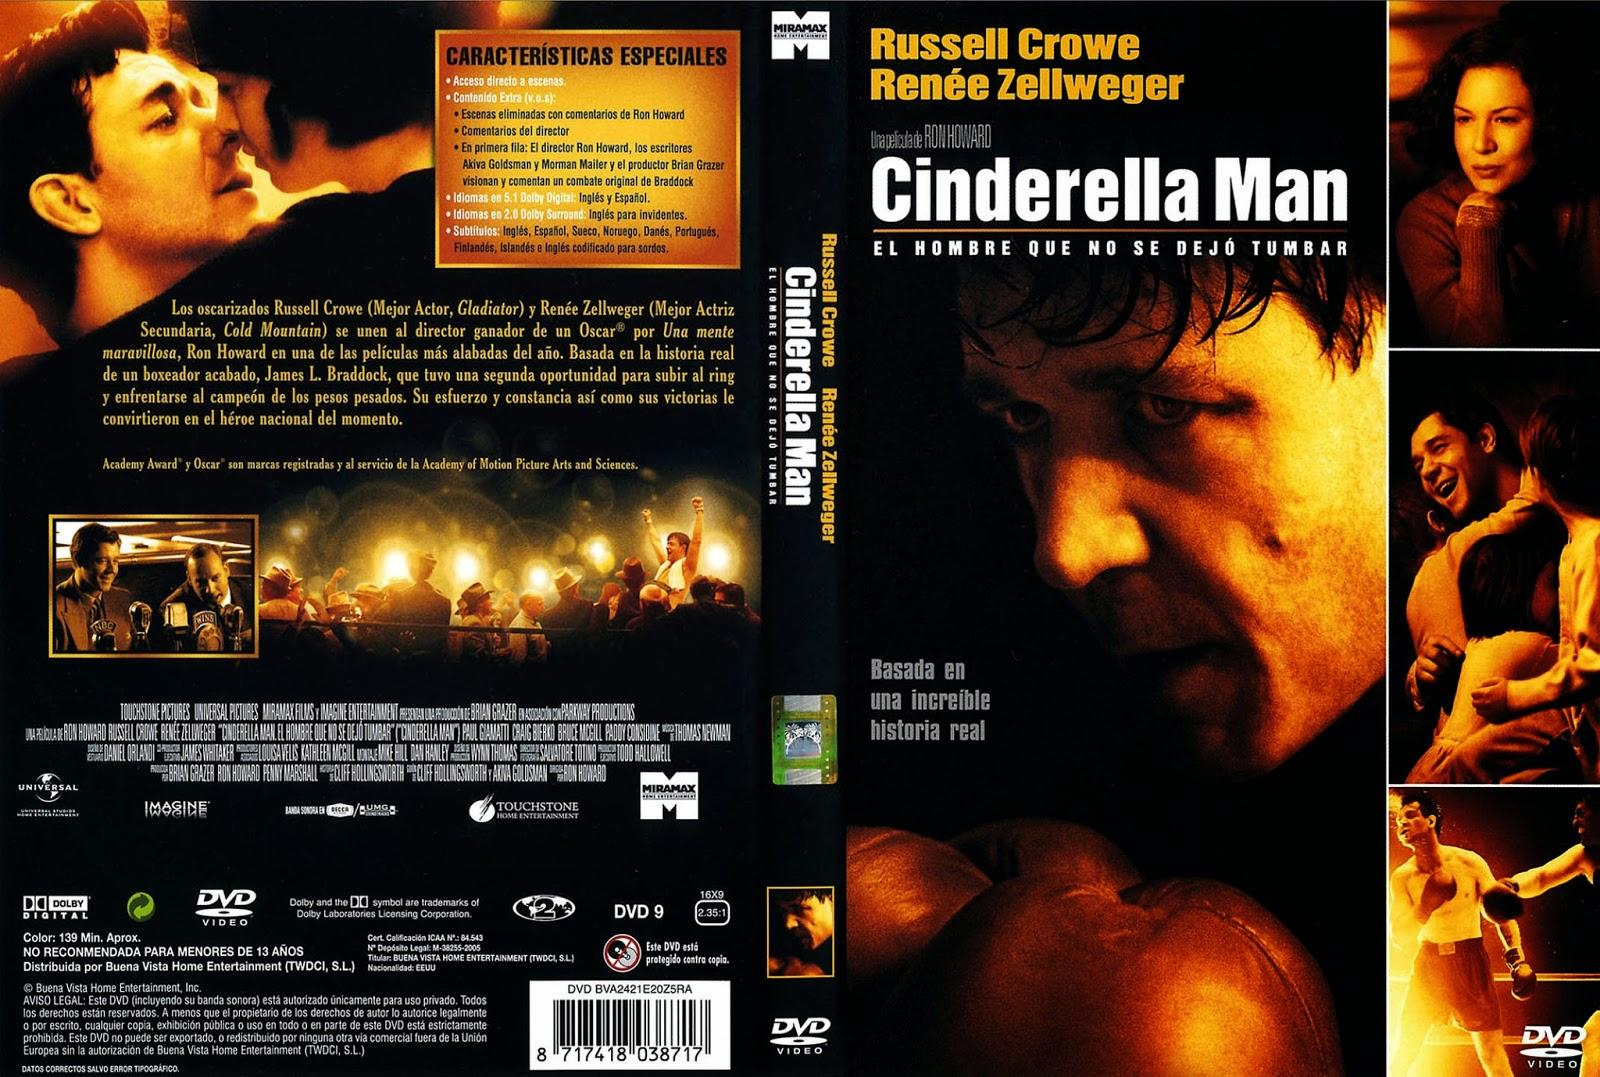 Cinderella Man DVD